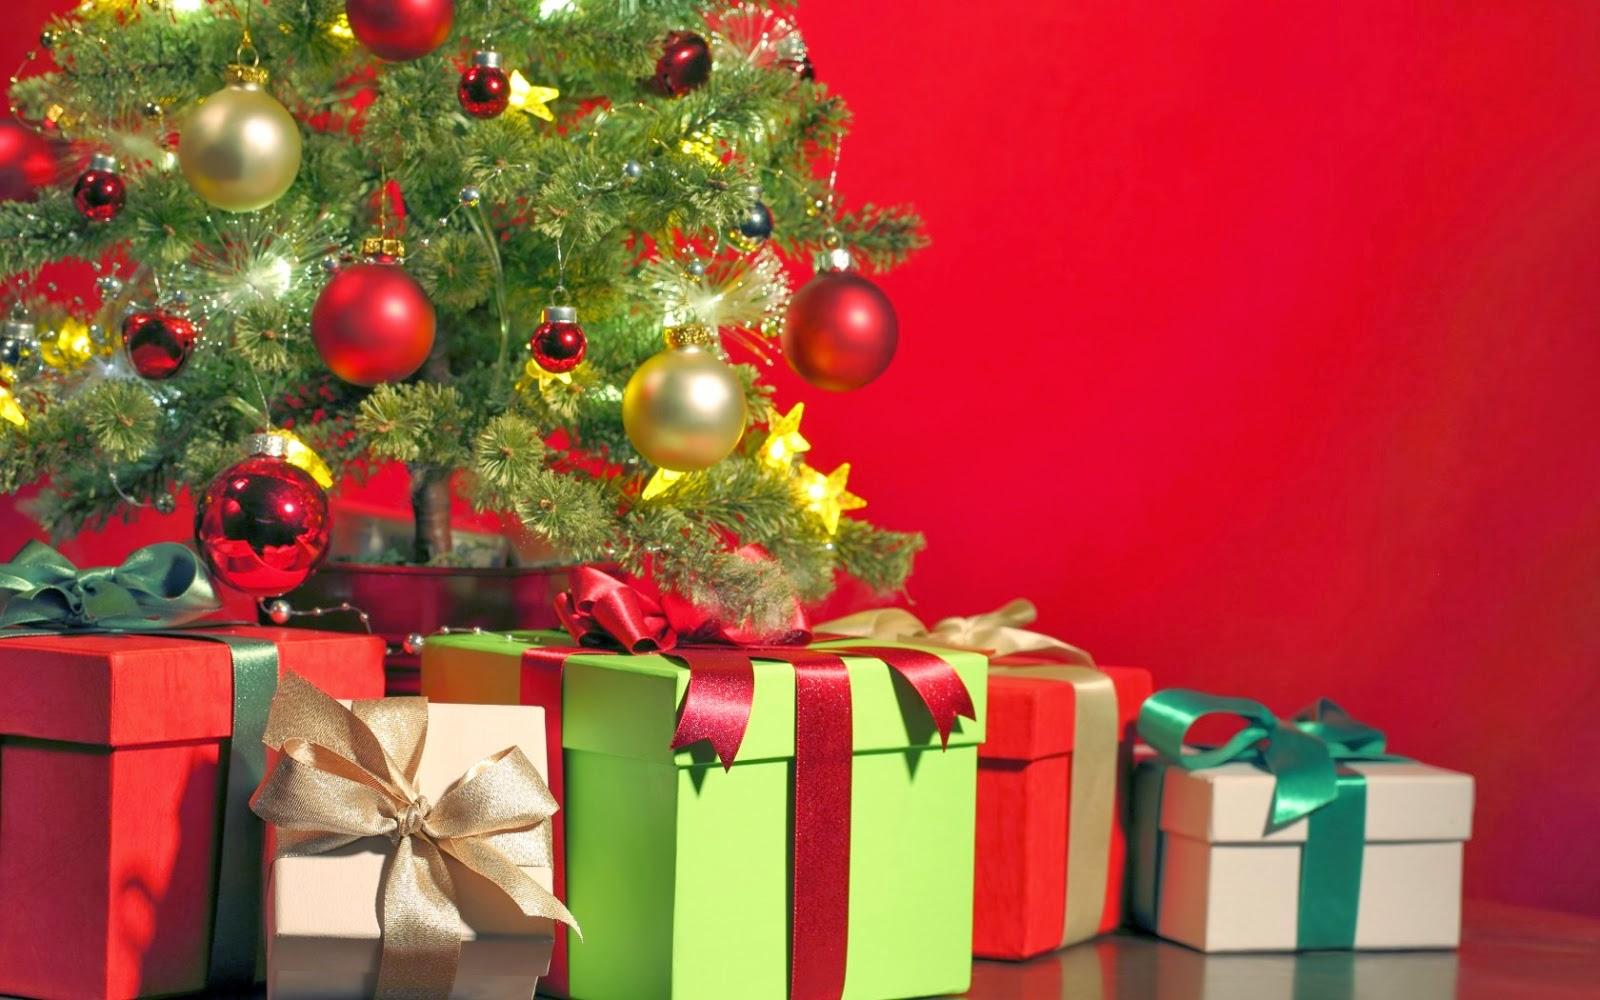 Tuyển Tập Những Câu Chúc Giáng Sinh Bằng Tiếng Anh Hay Nhất Ngày 24/12